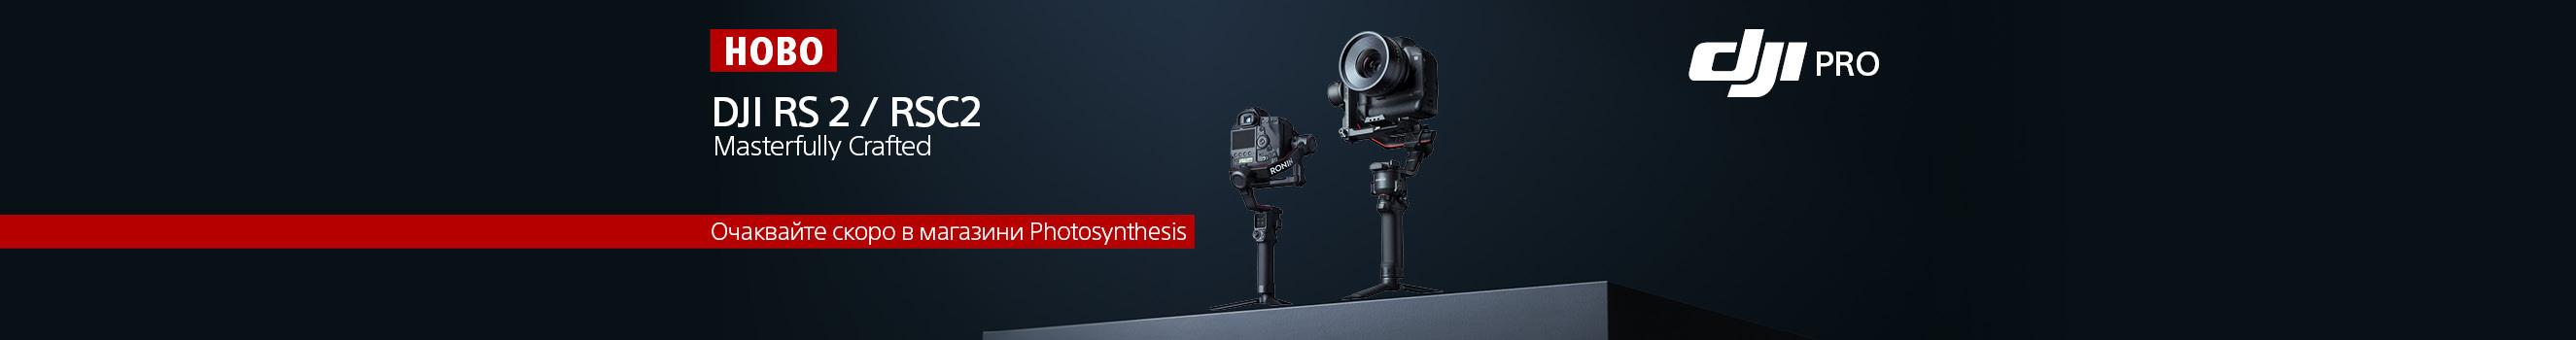 DJI RS 2 и RSC 2 - новите гимбали в магазини ФотоСинтезис